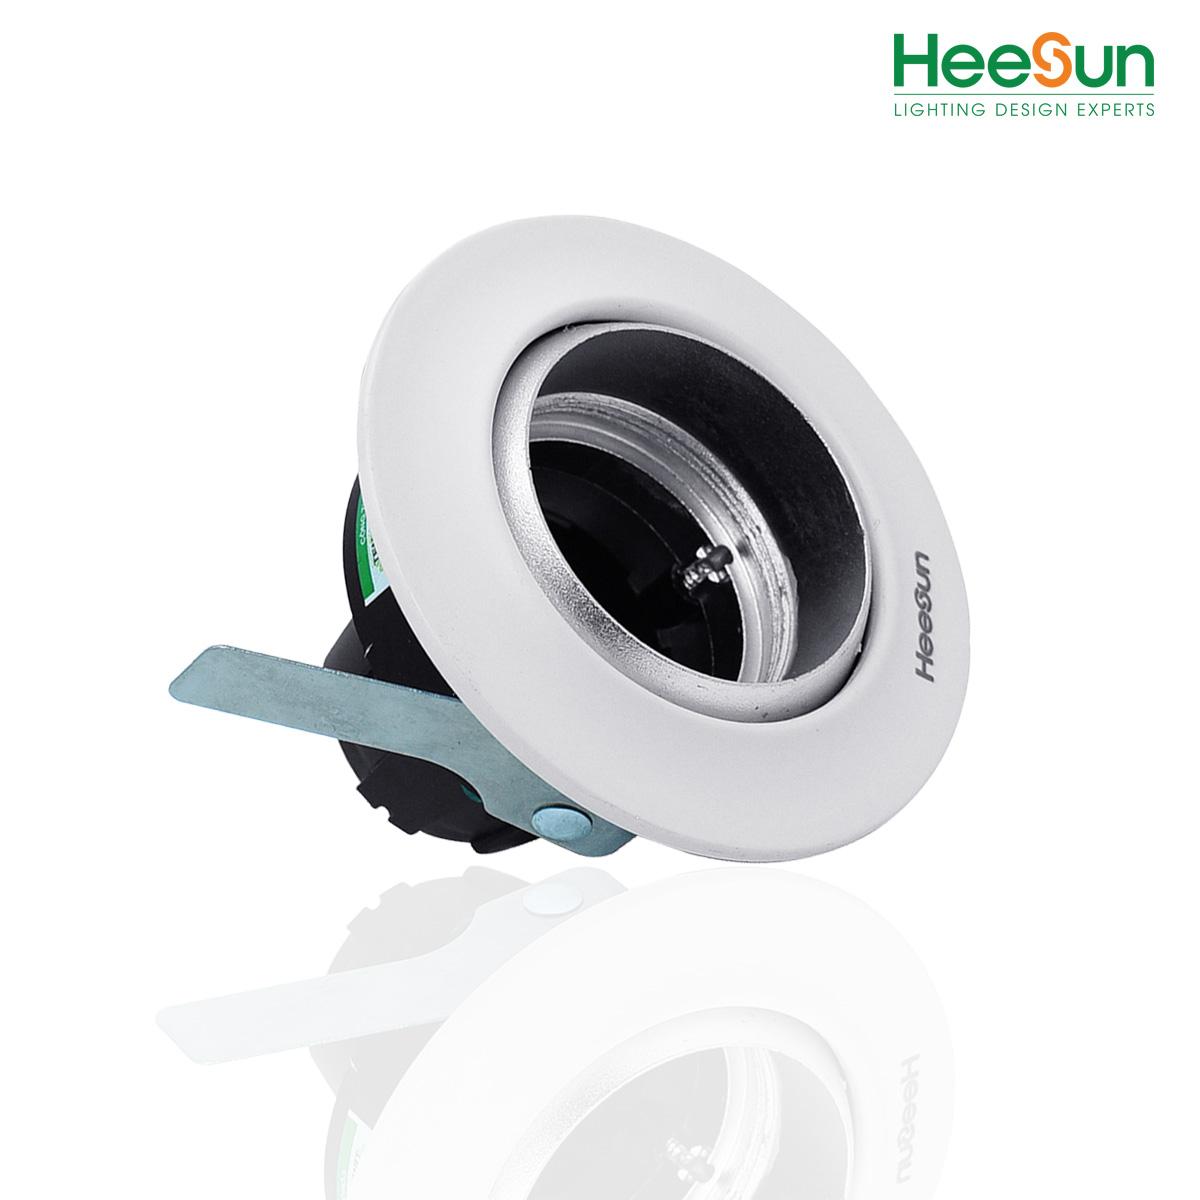 Đui đèn LED Luxury loại 4 HS-D10 - HEESUN VIỆT NAM